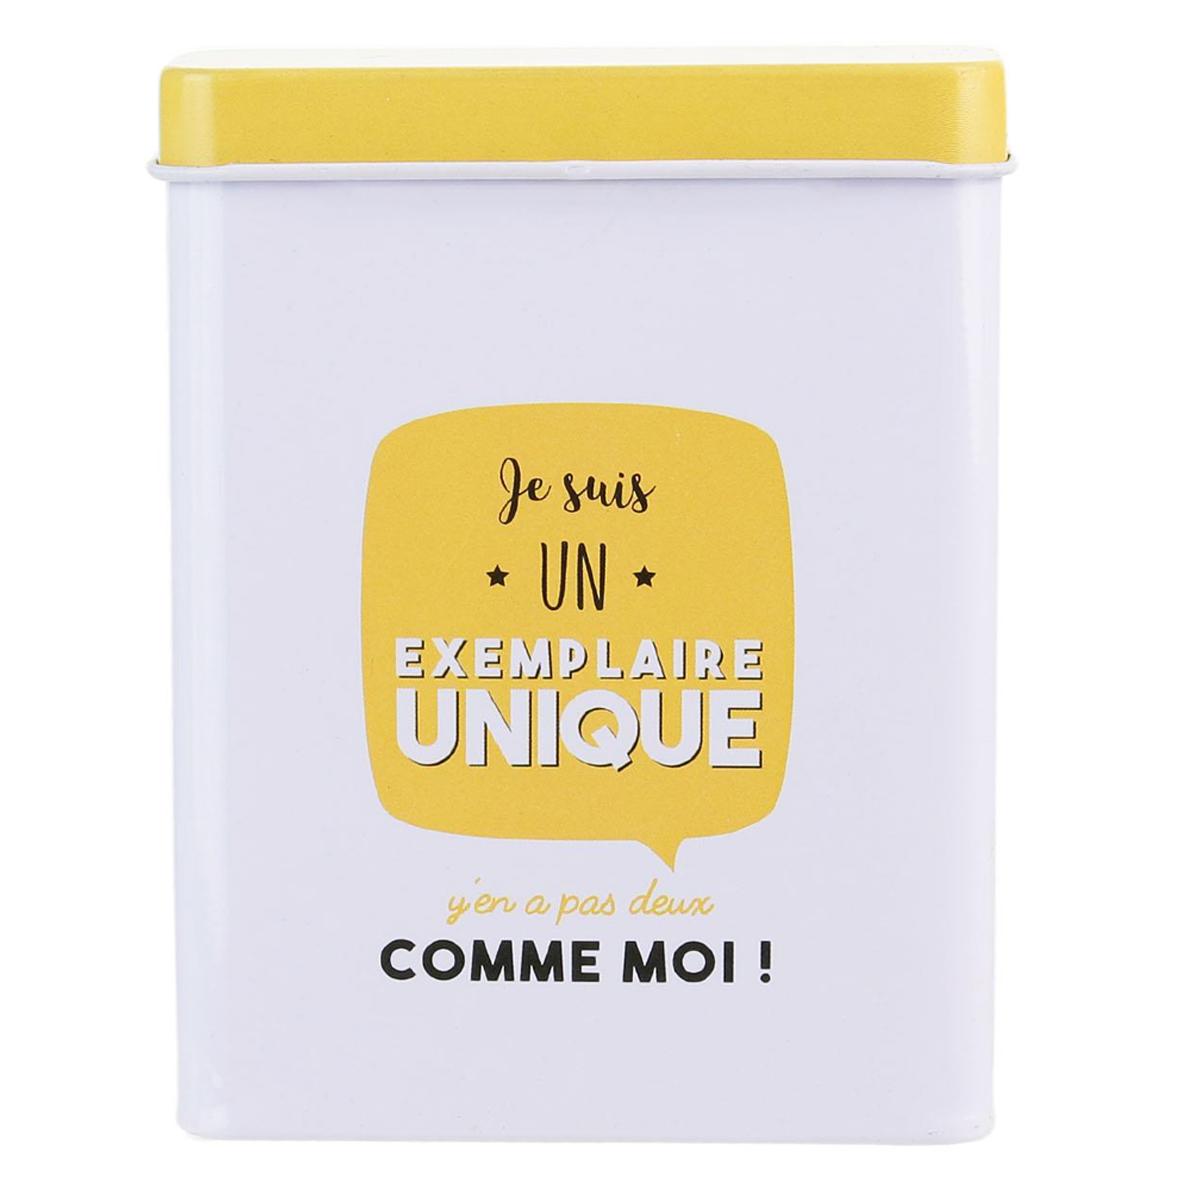 Etui métal à paquet de cigarettes \'Messages\' jaune blanc (Je suis un exemplaire unique ) - 24 cigarettes - [Q1672]